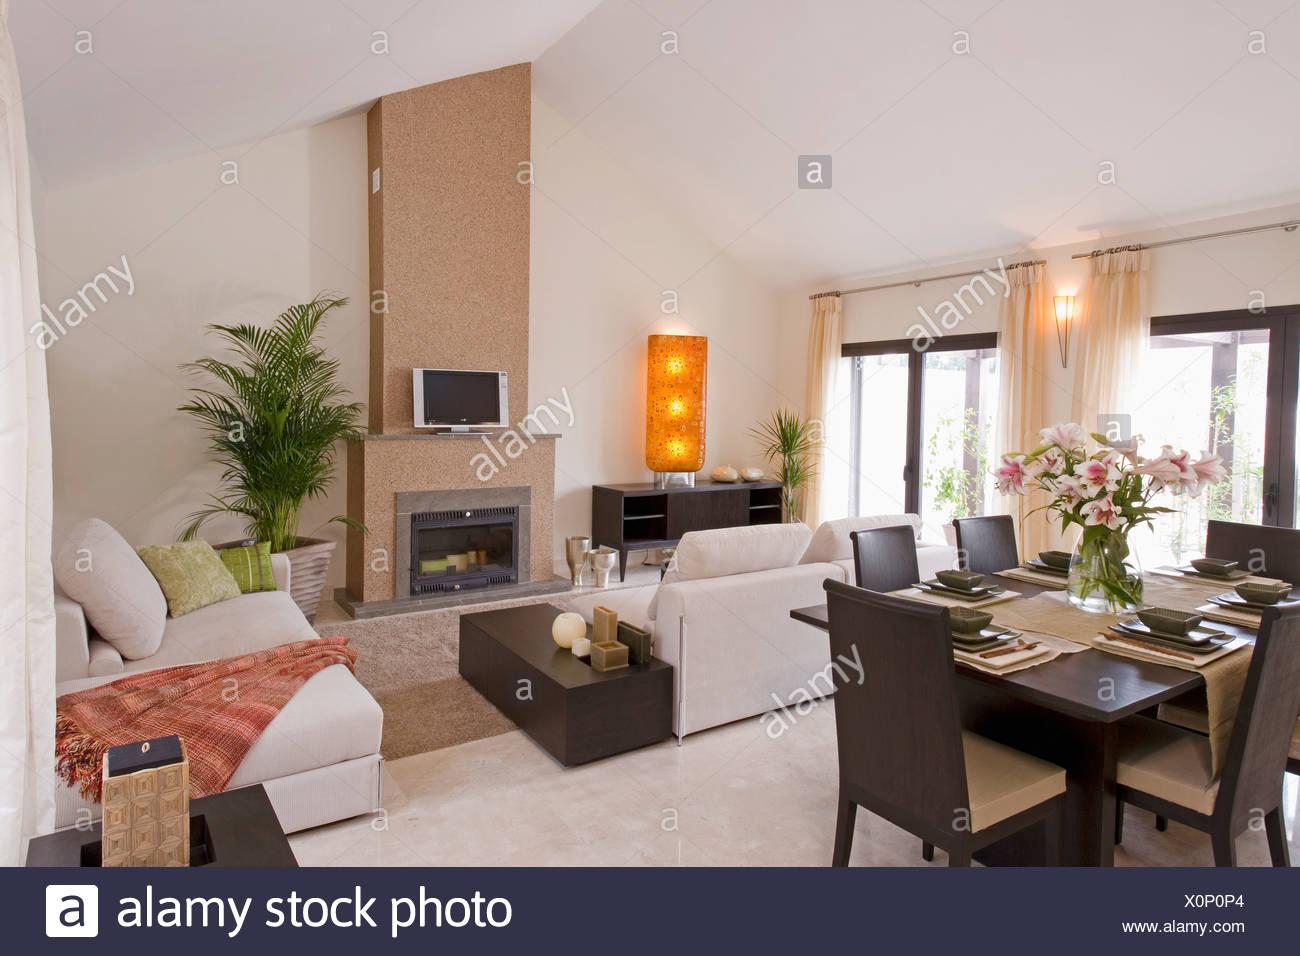 Wohnzimmer bodenbelag free vinylboden wohnzimmer bodenbelag vinyl vinylboden wohnzimmer - Warmer bodenbelag wohnzimmer ...